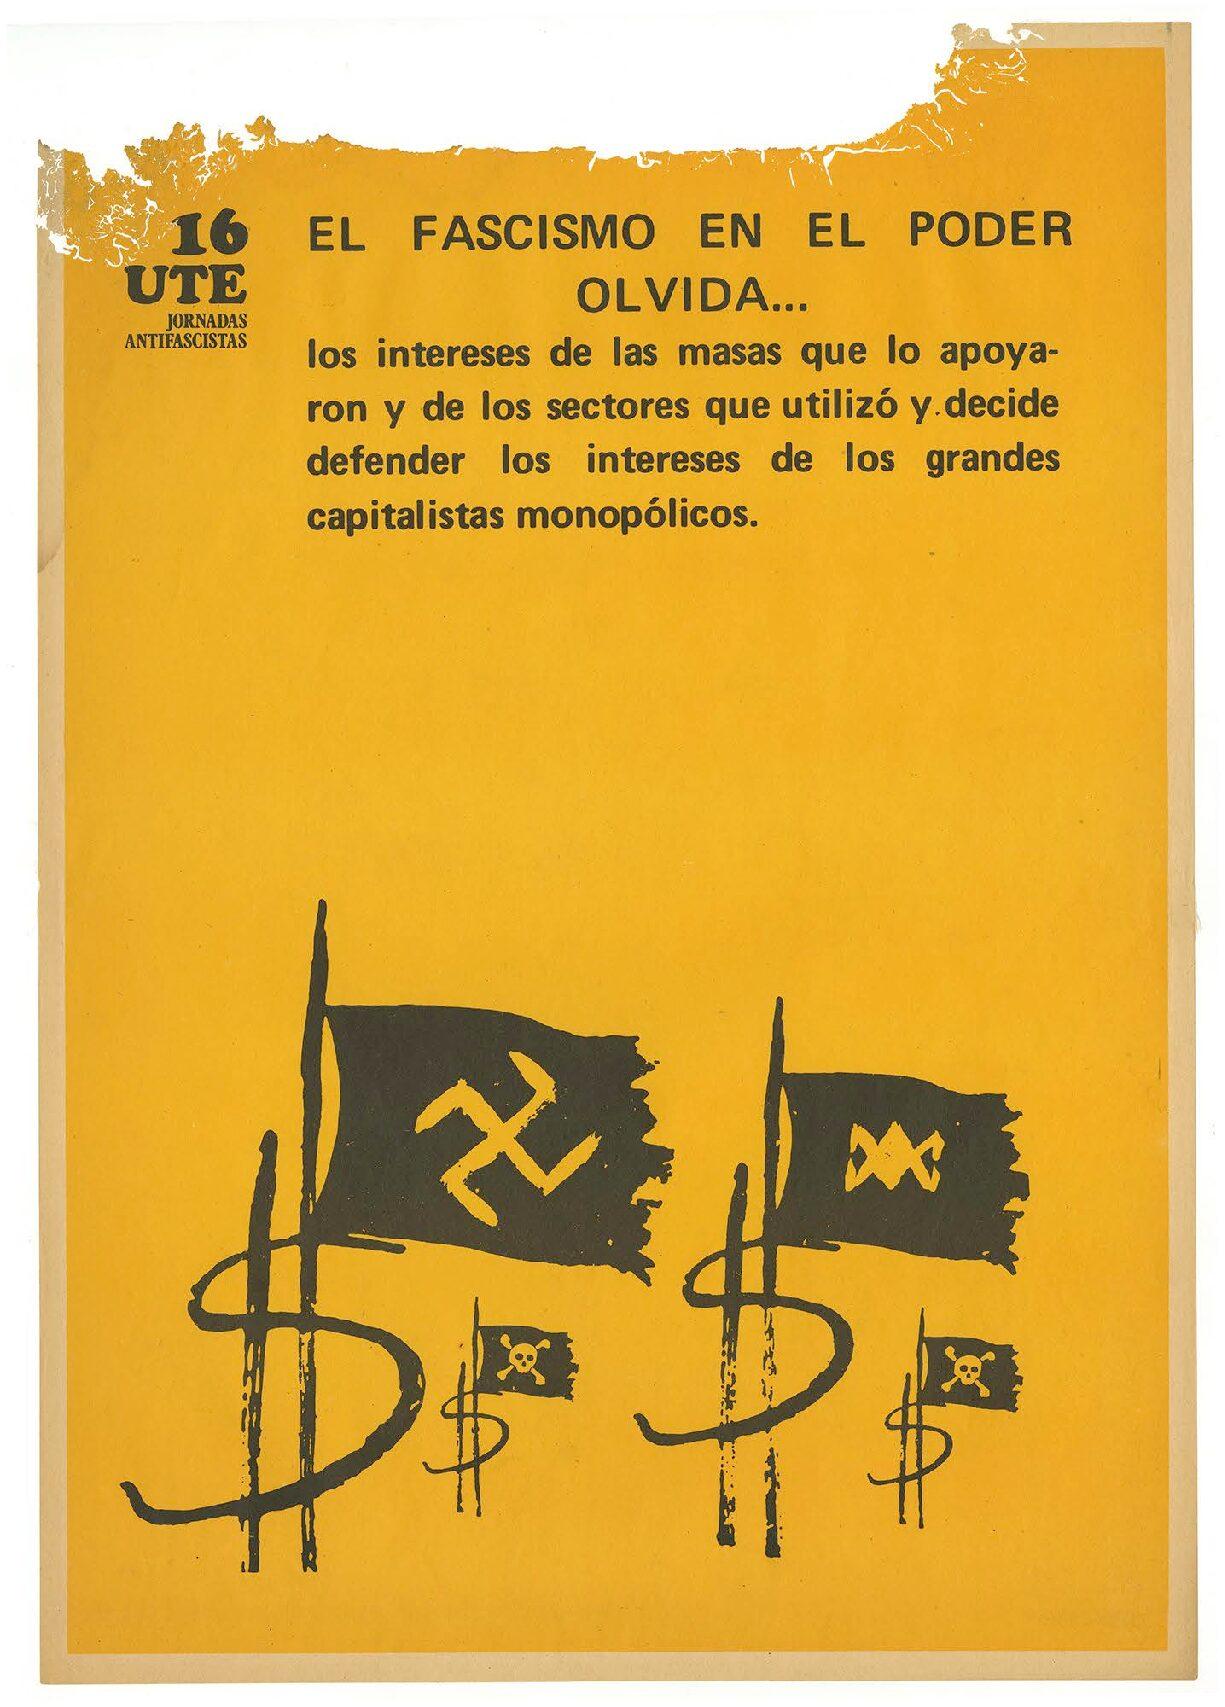 UTE-MN-DIG-0086